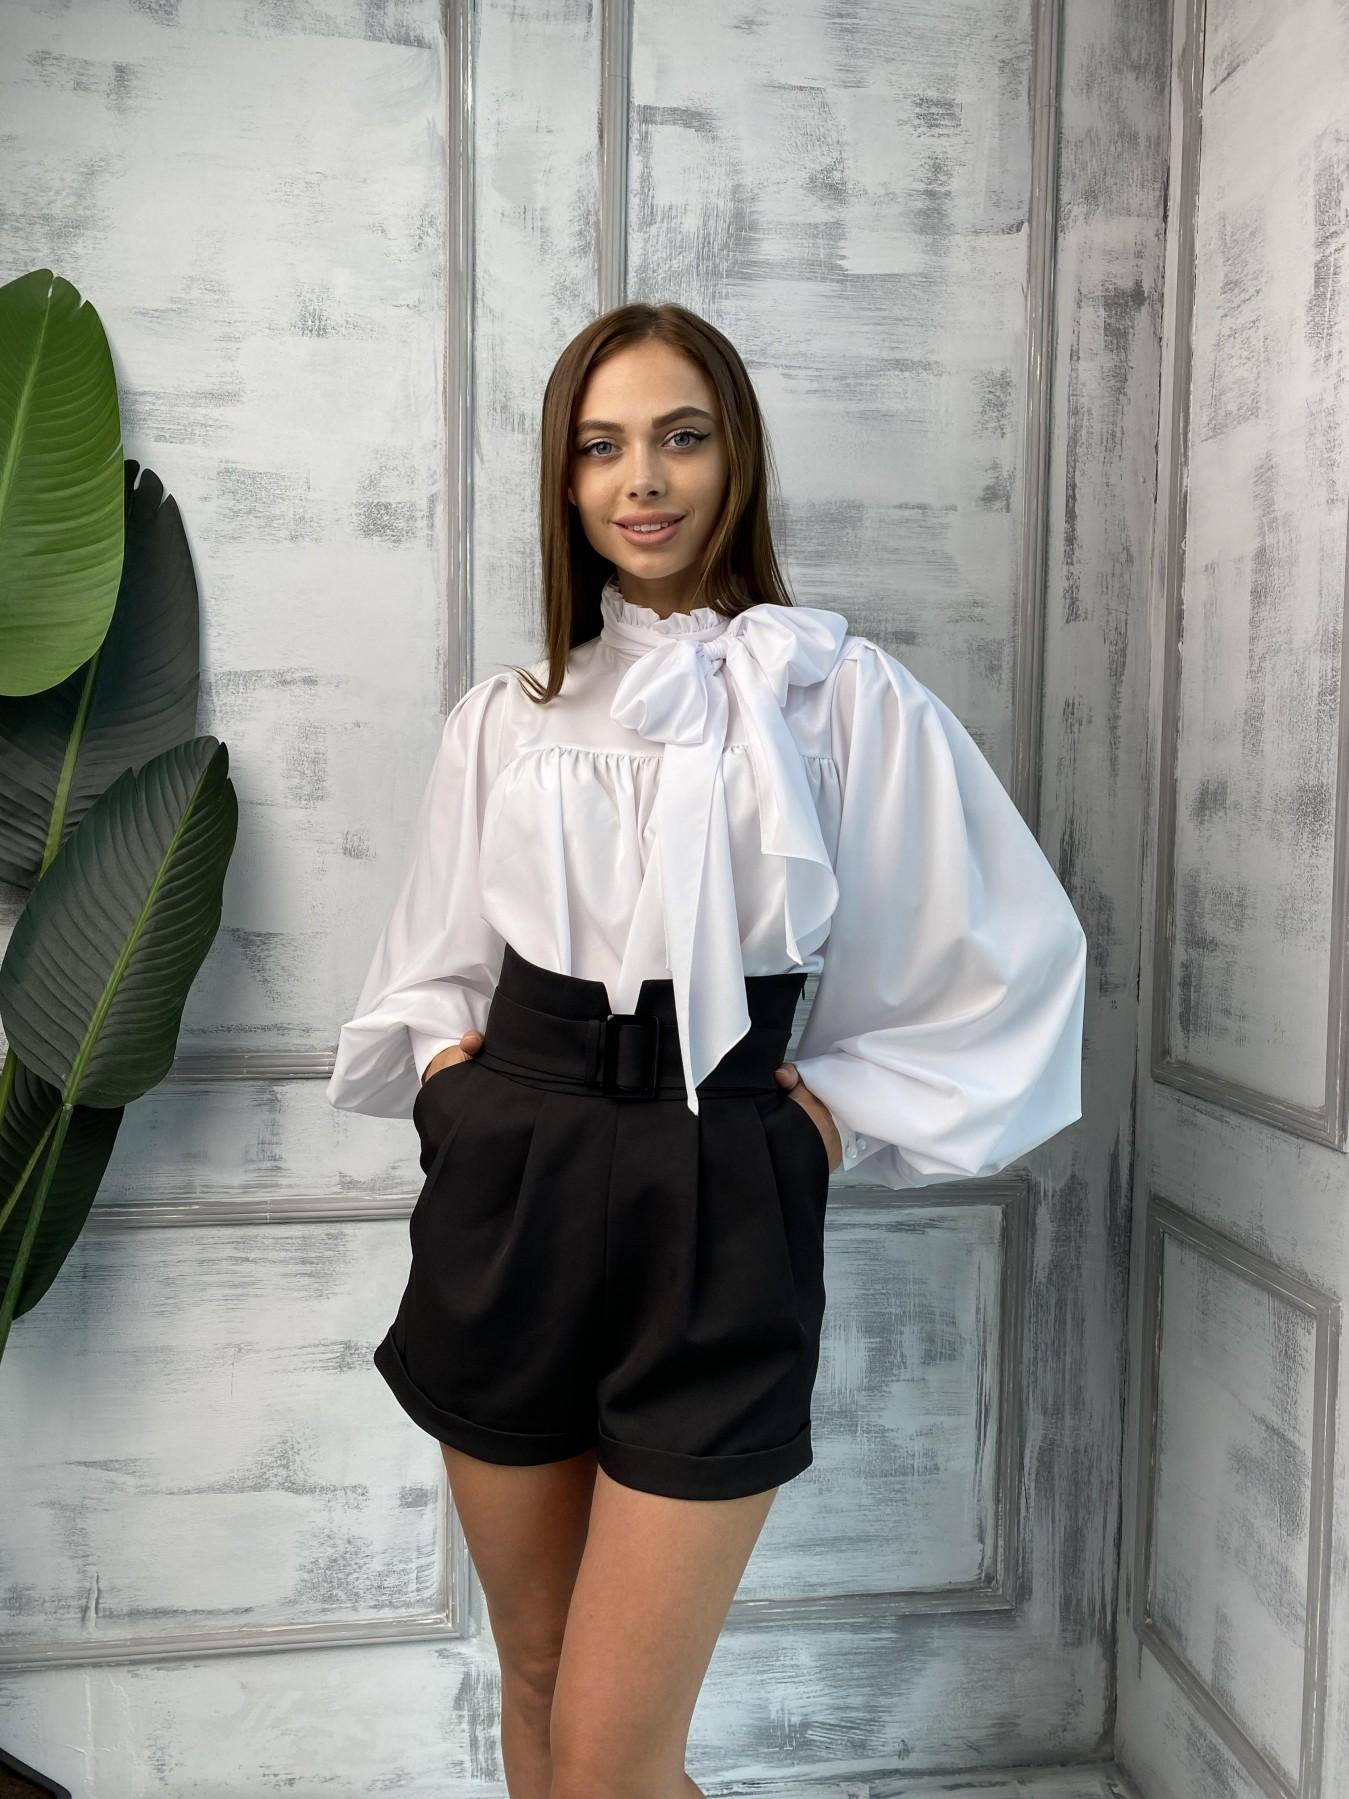 Бостон шорты костюмка креп стрейч 11676 АРТ. 48384 Цвет: Черный - фото 7, интернет магазин tm-modus.ru